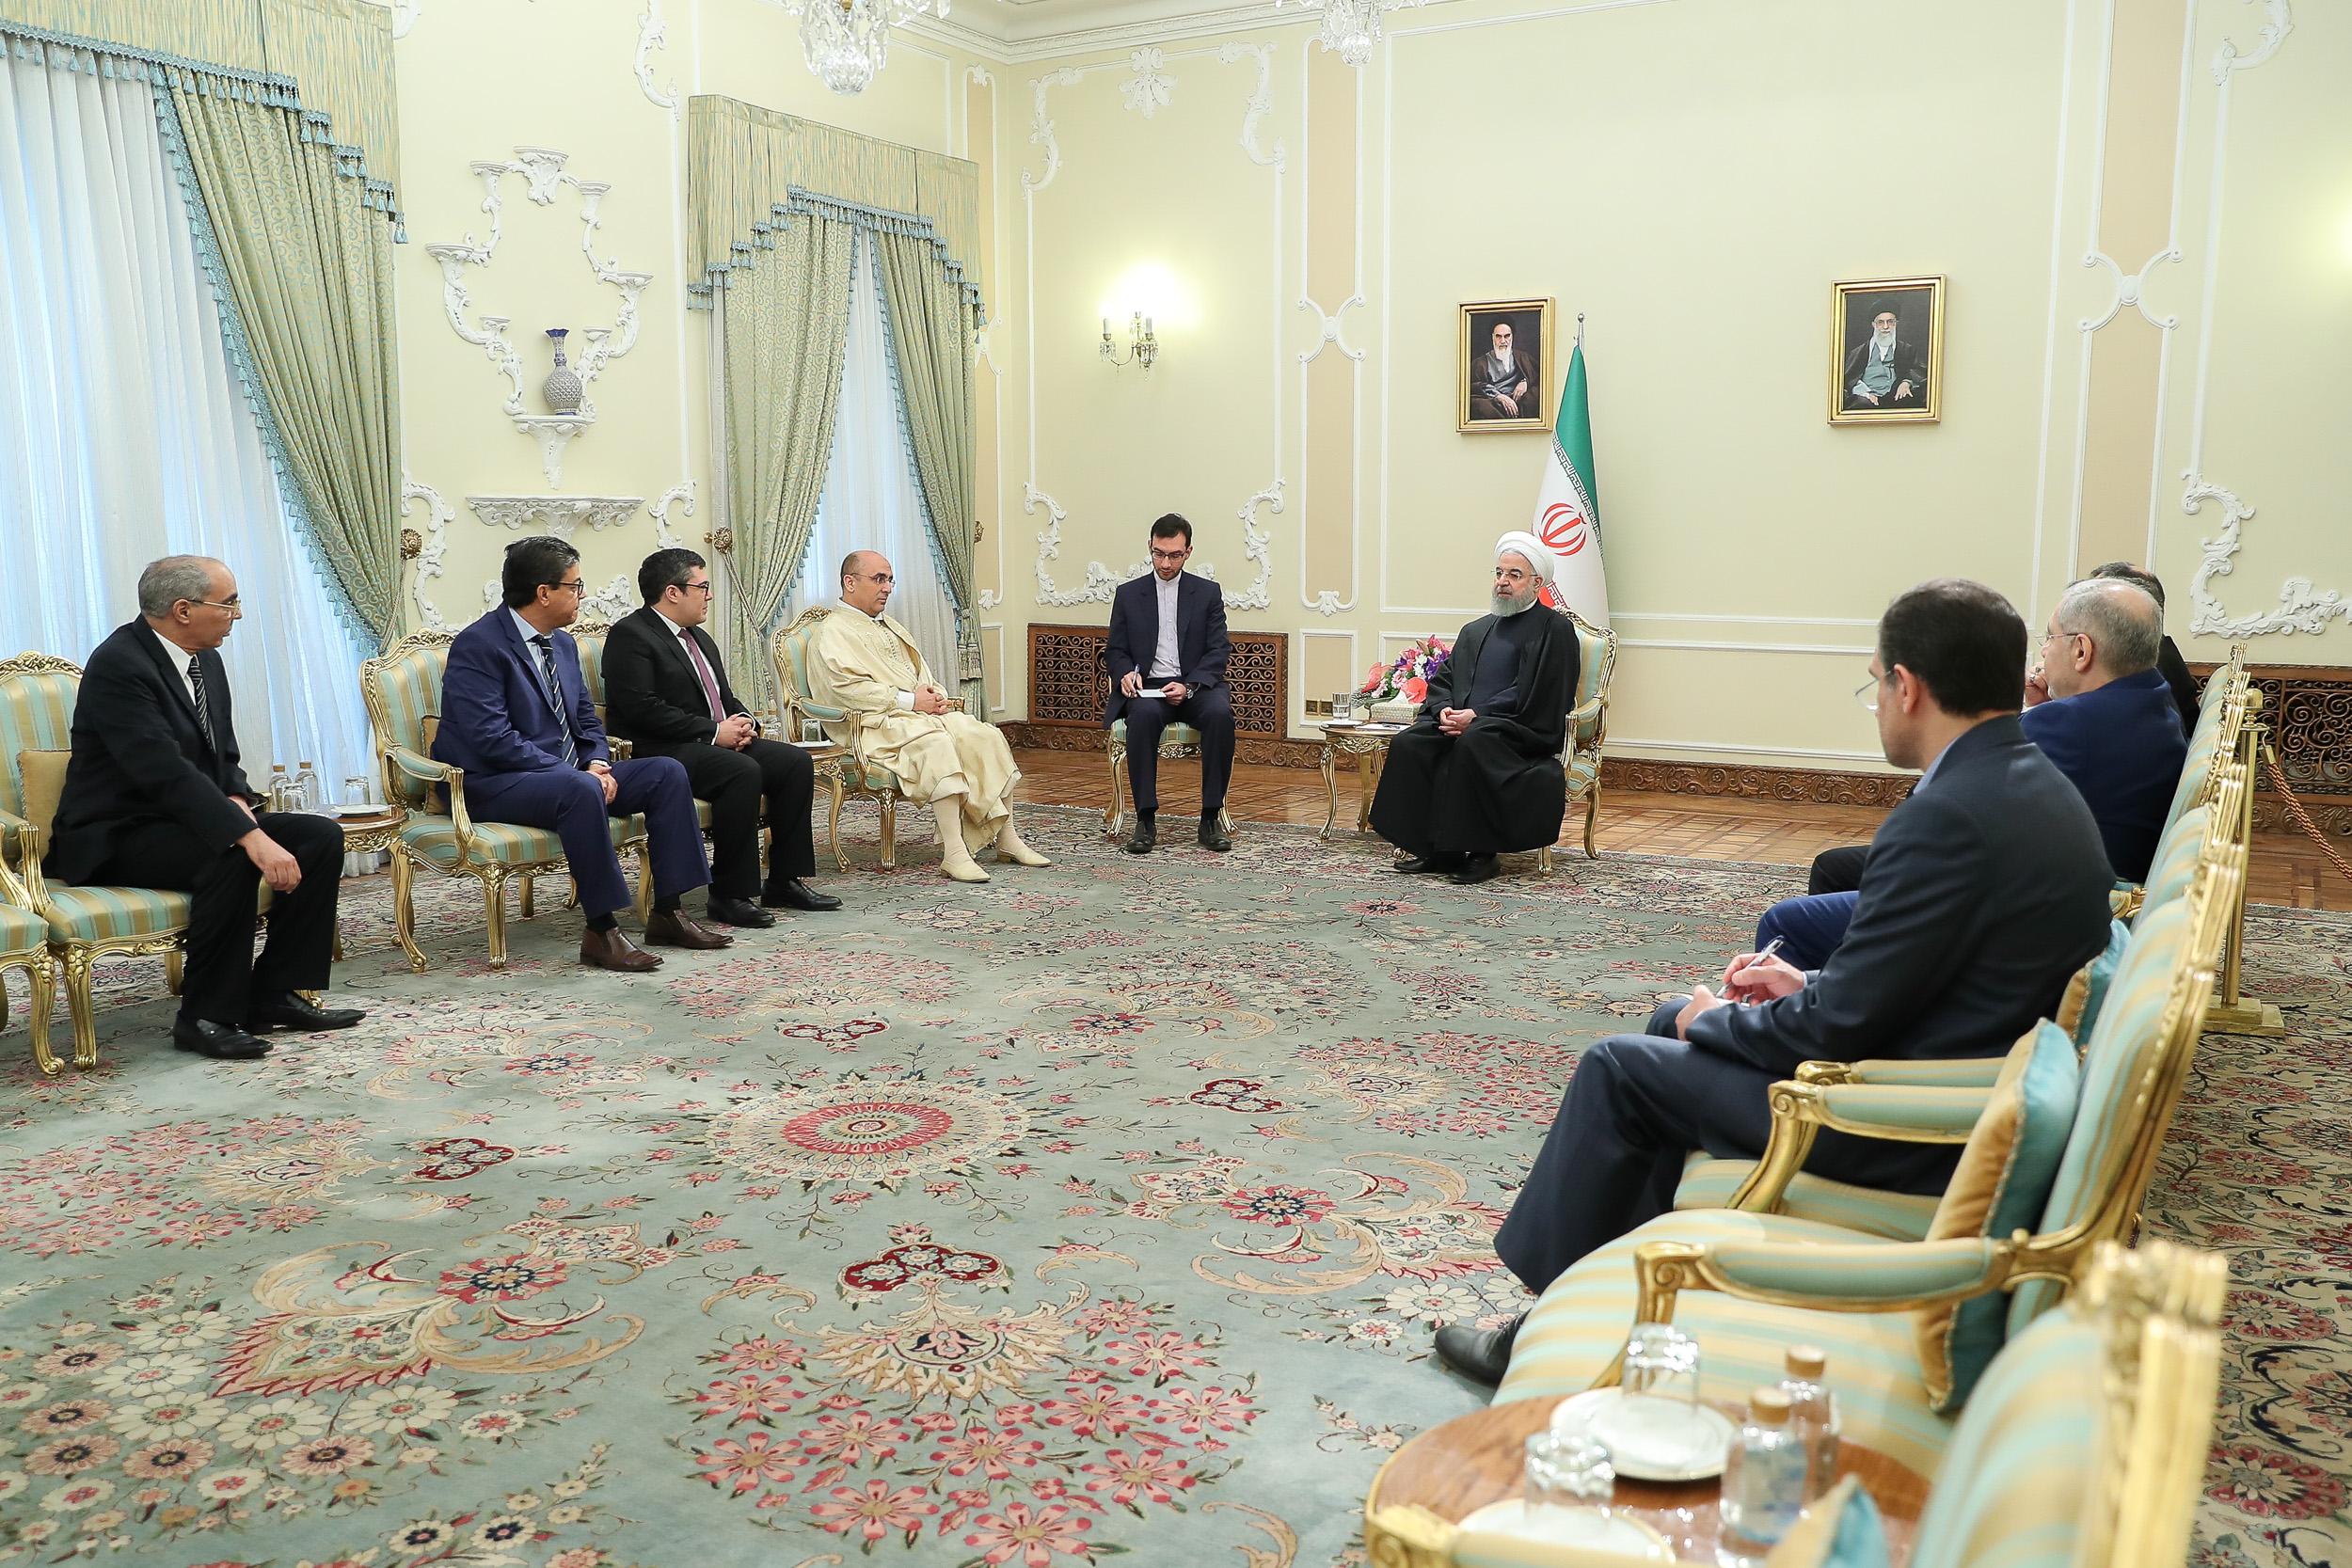 هیچ مانعی در توسعه همکاریها و مناسبات همه جانبه میان ایران و تونس وجود ندارد